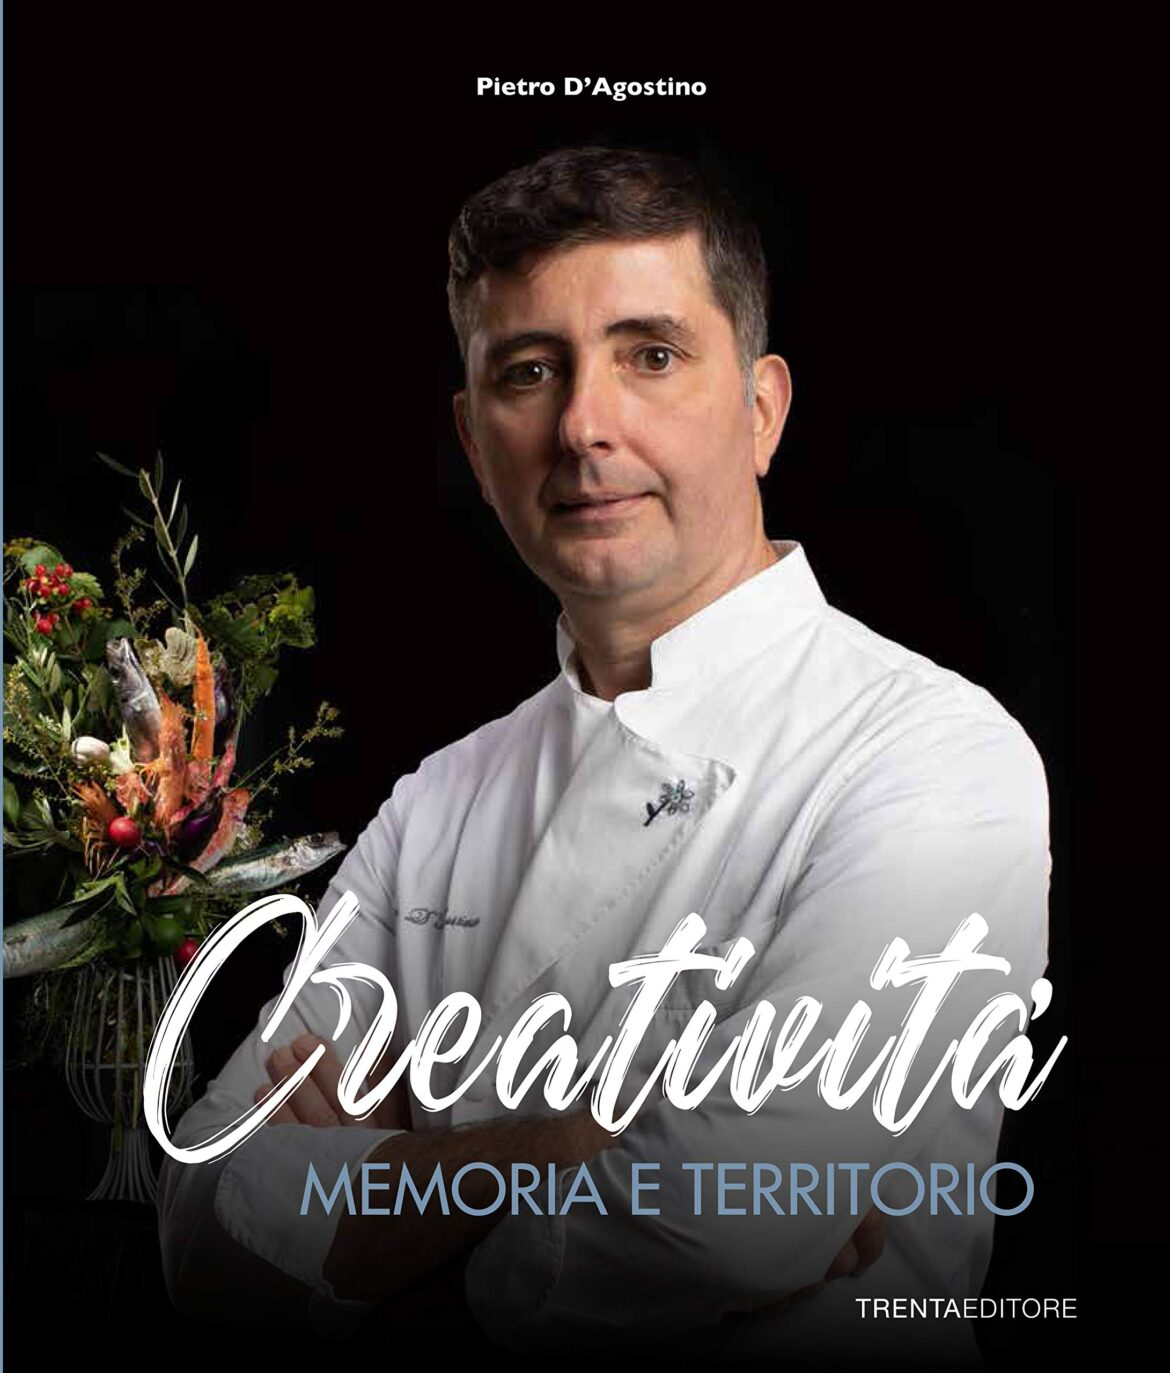 Recensione di Creatività, Memoria E Territorio – Pietro D'Agostino